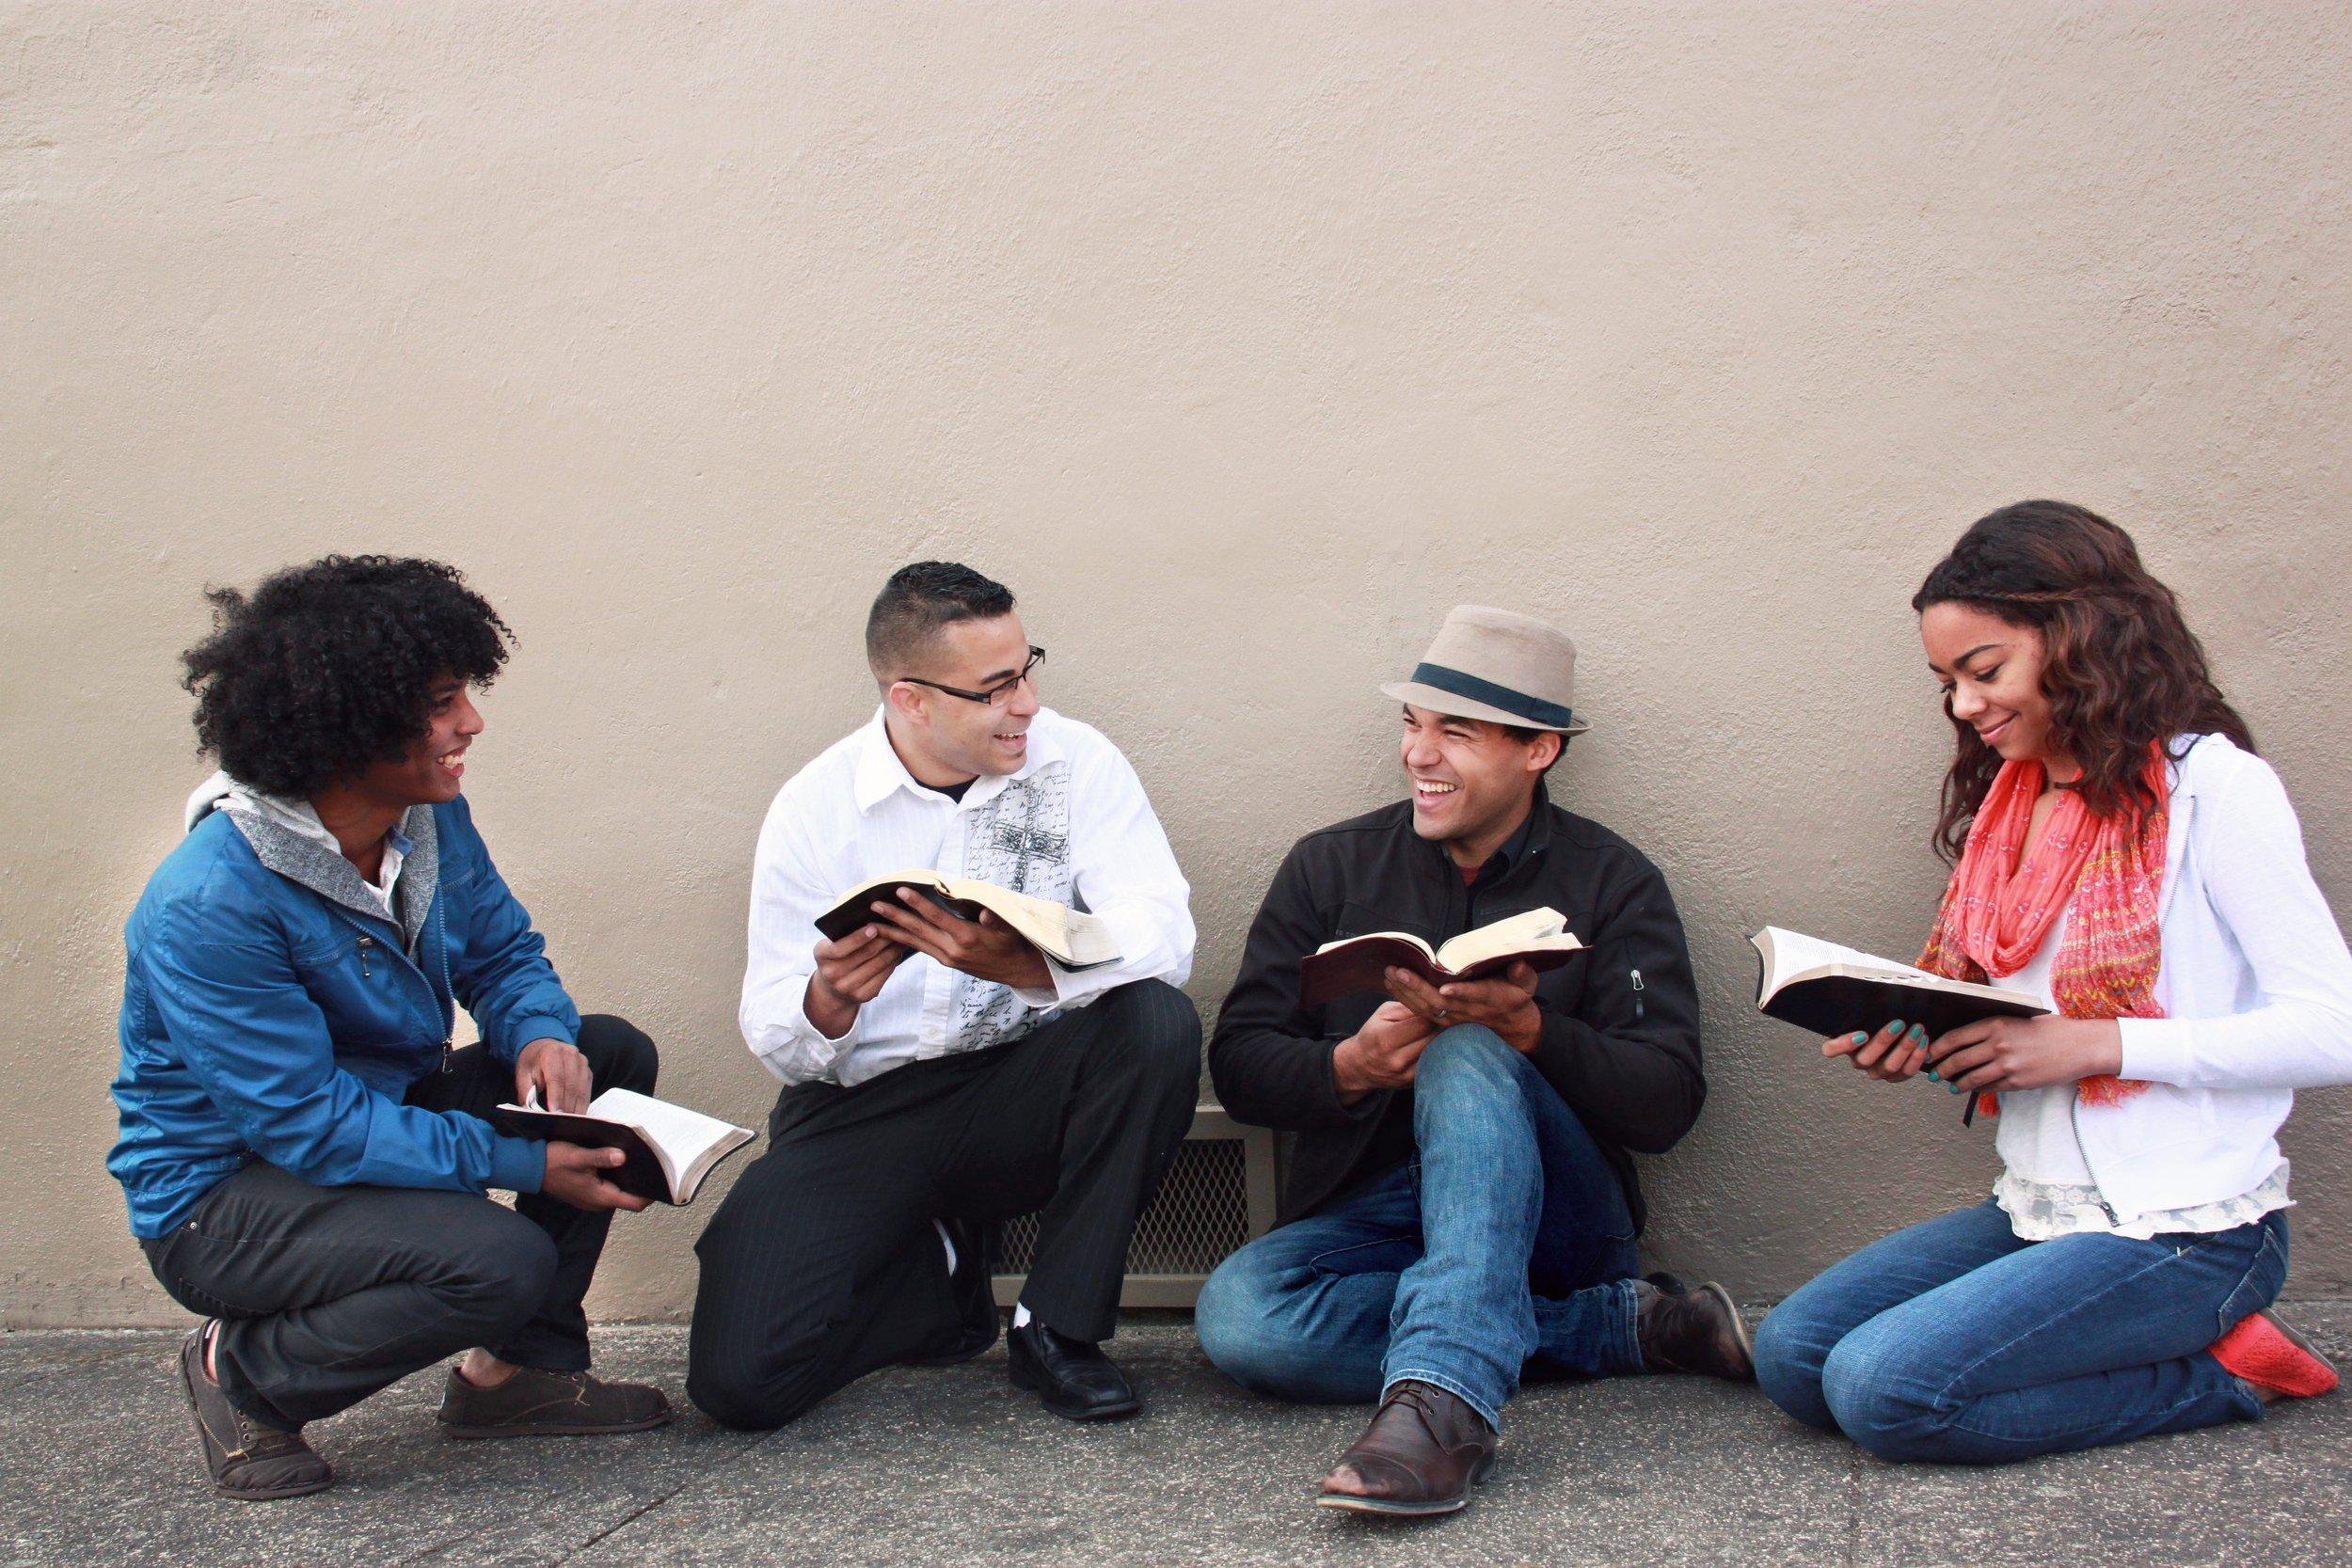 Christian Gathering Faith Stock Photos.jpg